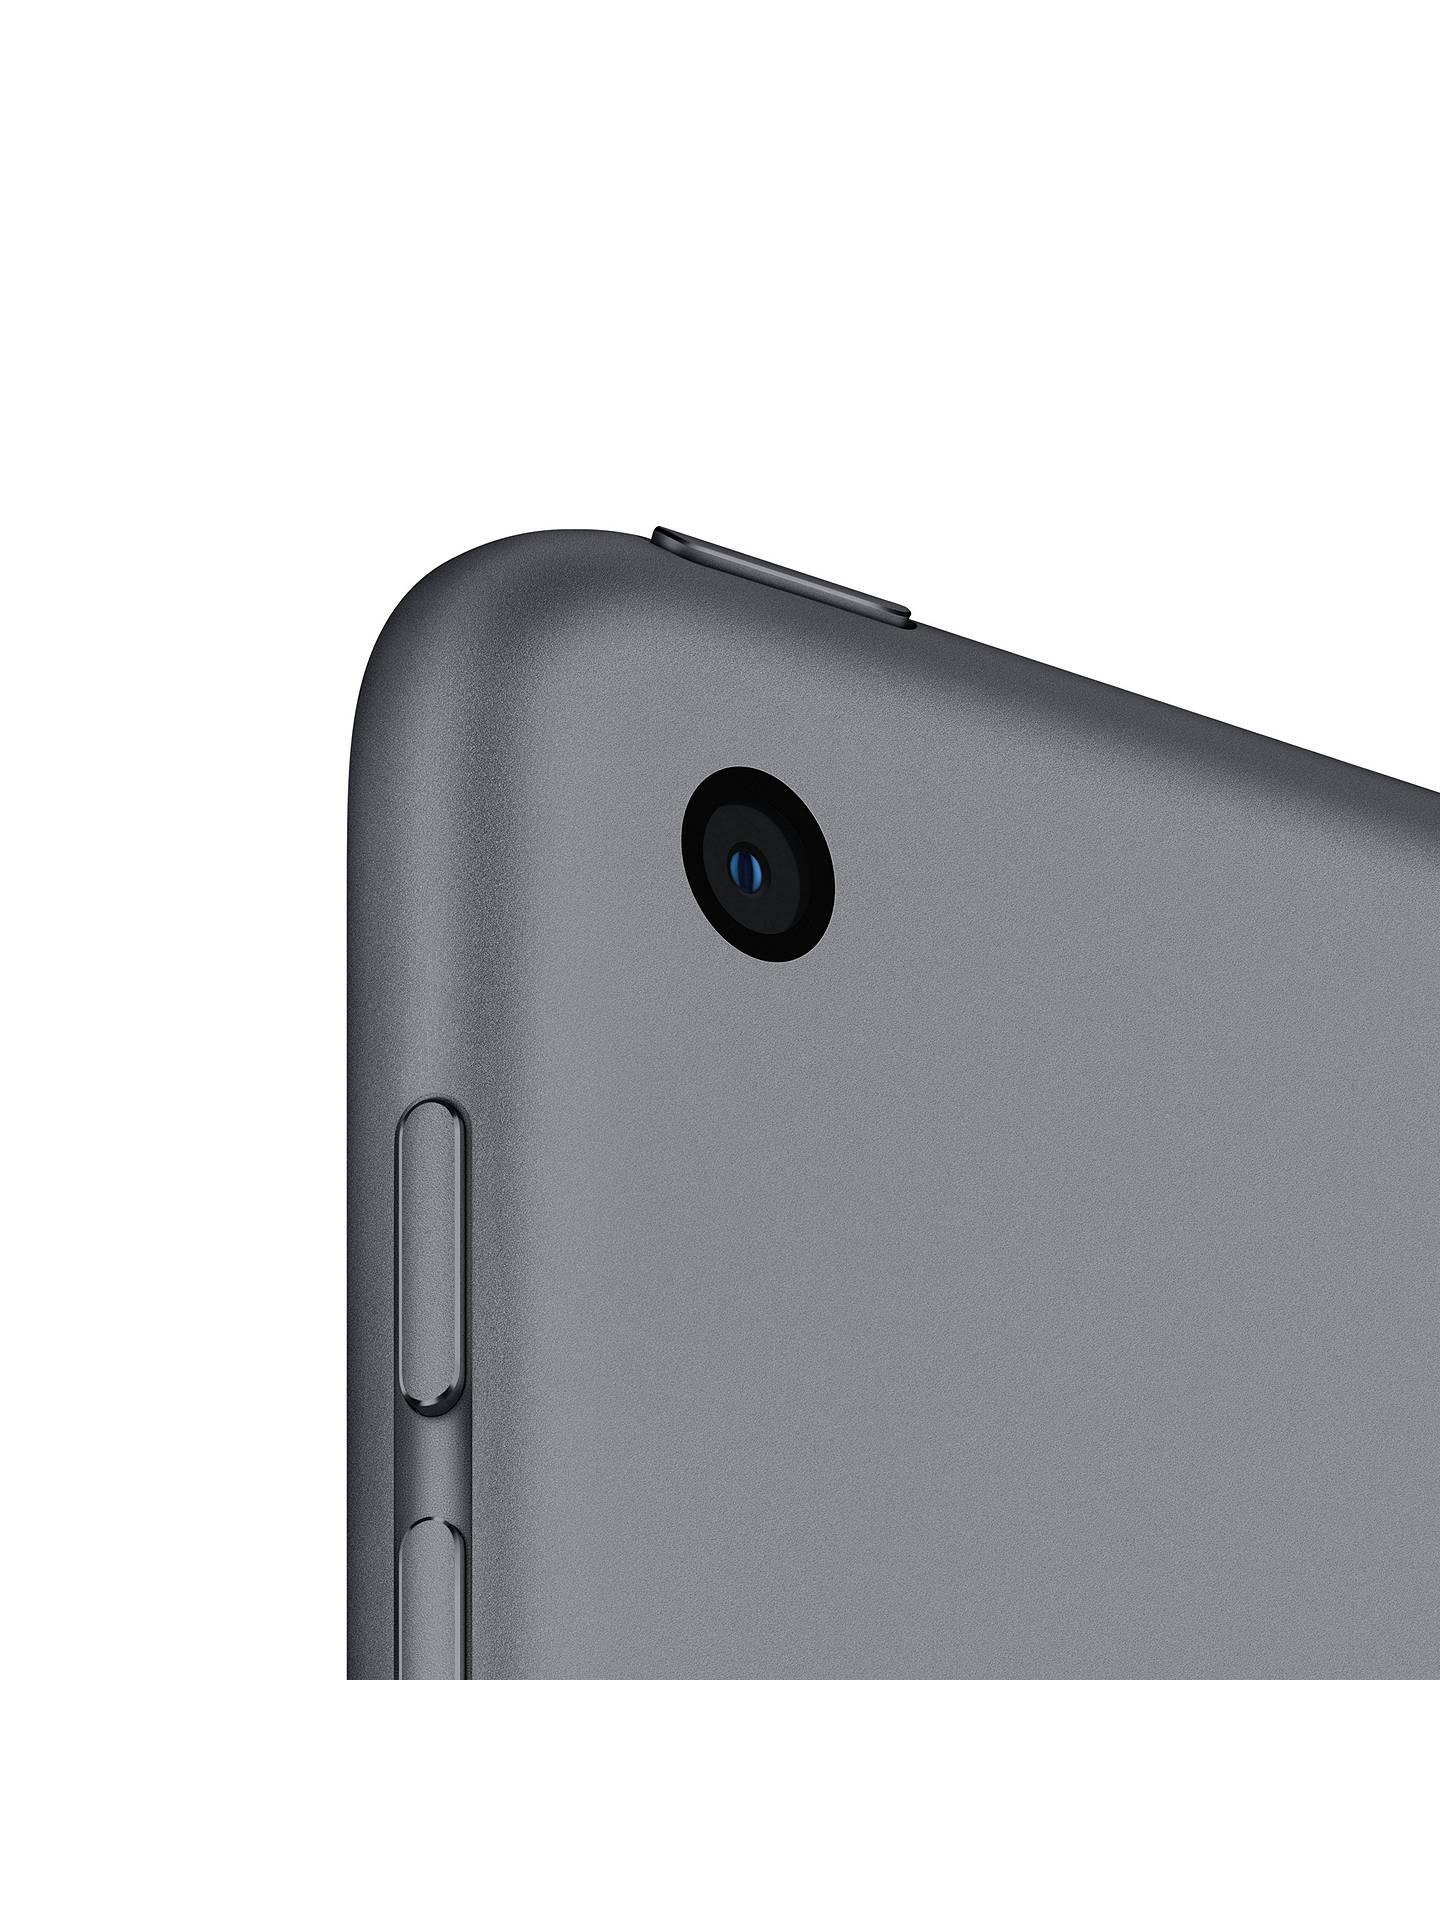 iPad 10.2-inch  Wi-Fi + Cellular 128GB (2020) Space Grey 356755110620217 - 3